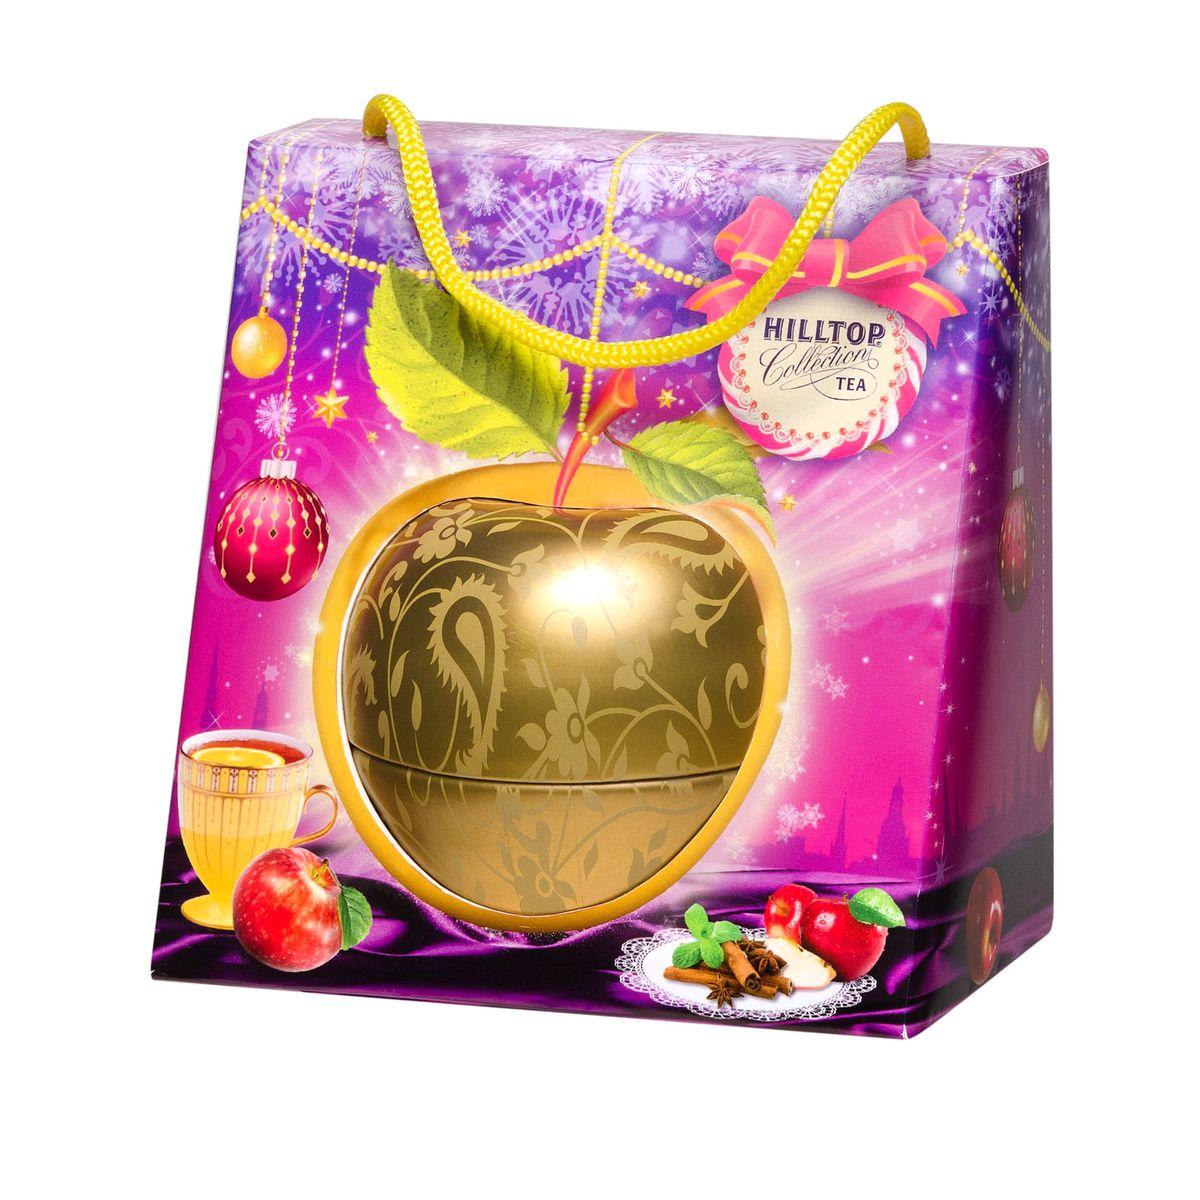 Hilltop Золотое яблочко черный листовой чай, 50 гTALTHL-L00145Крупнолистовой терпкий черный чай стандарта Супер Пеко Hilltop Золотое яблочкособран на лучших плантациях острова Цейлон. Этот чай с терпким настоем и ярким ароматом безусловно будет украшением новогоднего чаепития, а также отличным подарком вашим близким! Яркая подарочная упаковка не оставит равнодушным ни одного человека!